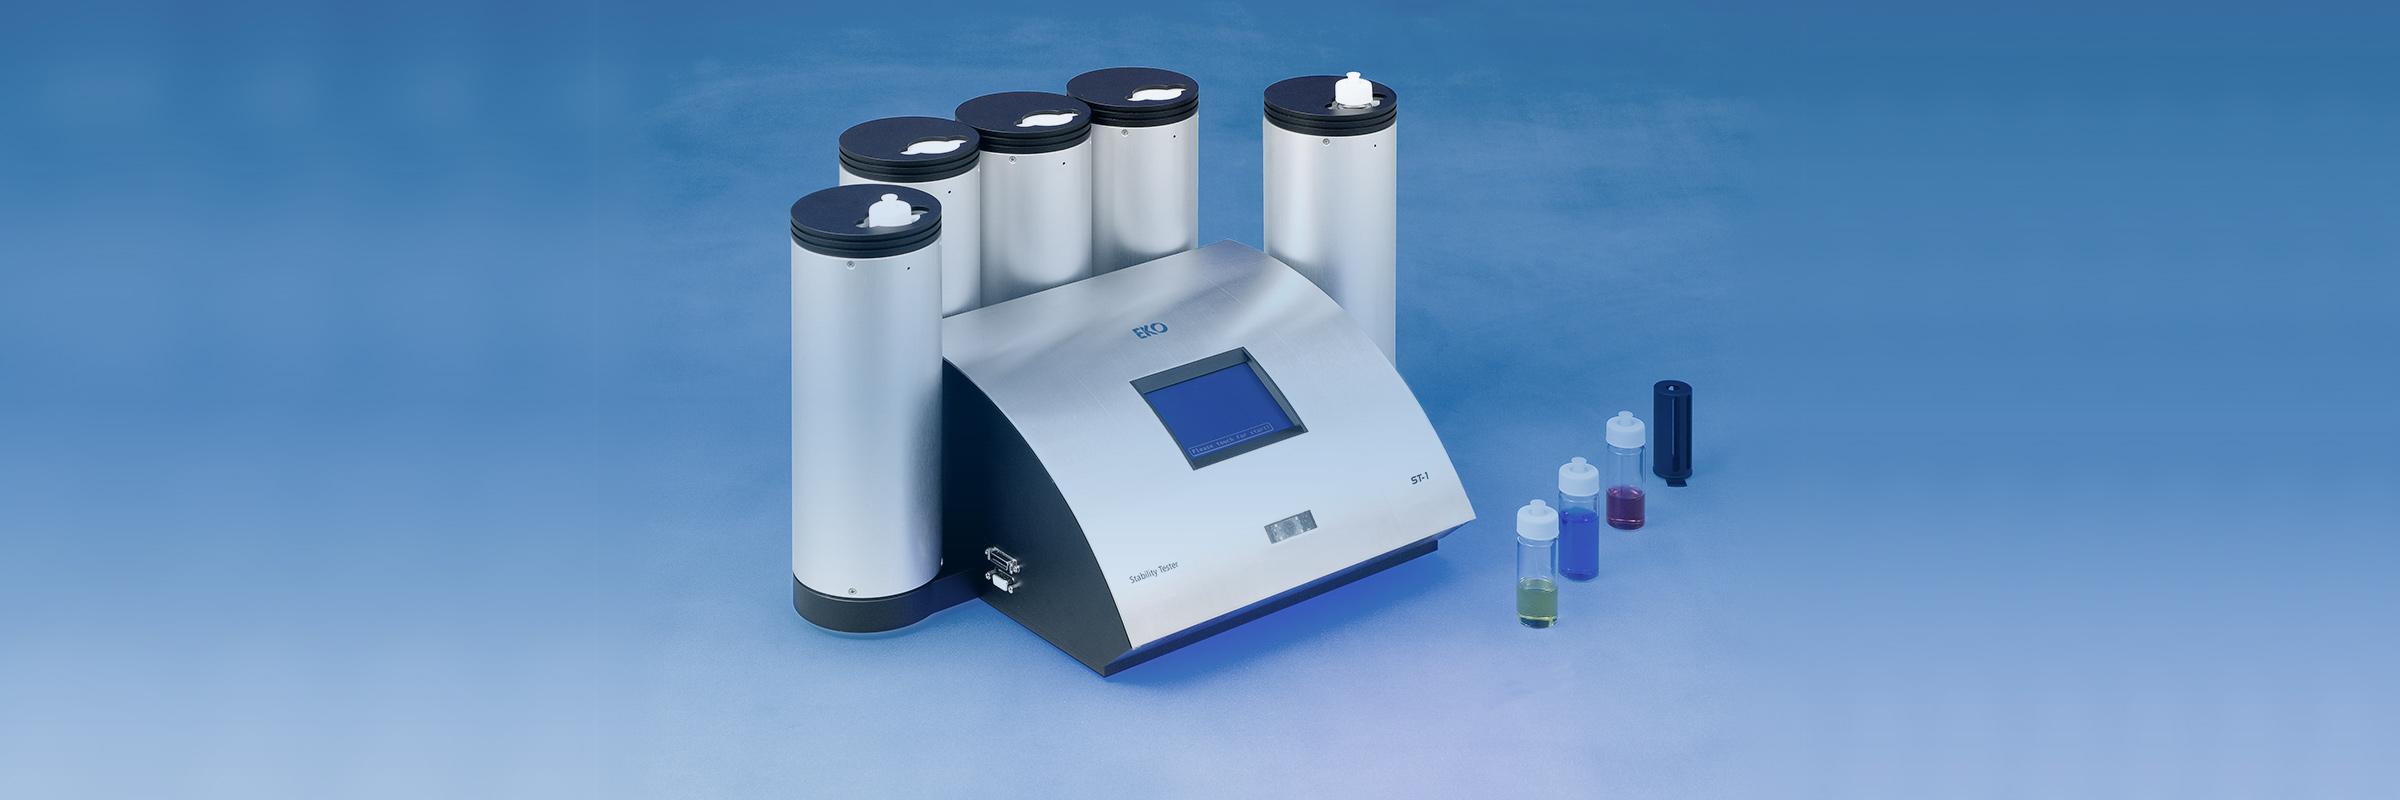 分散溶液安定性評価装置